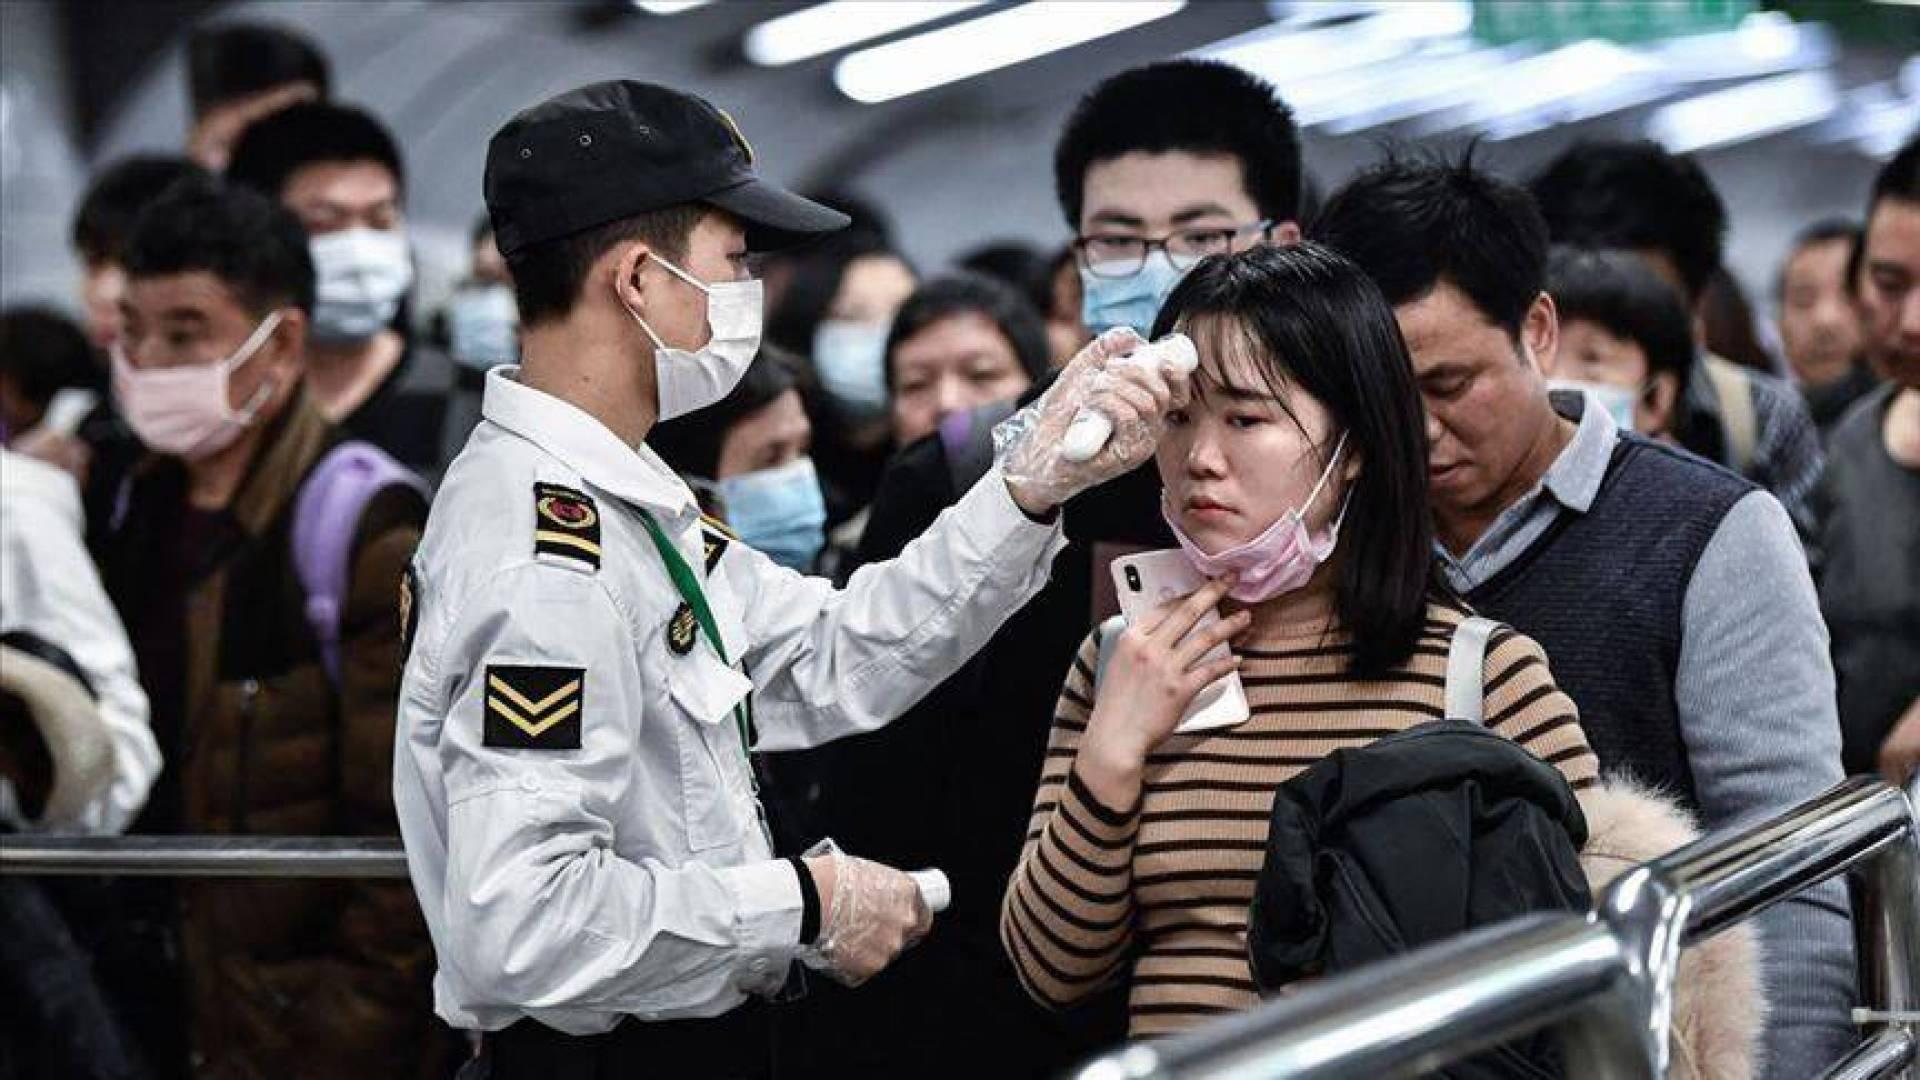 سنغافورة ستتعقب كورونا بإعطاء جهاز قابل للارتداء لجميع سكانها